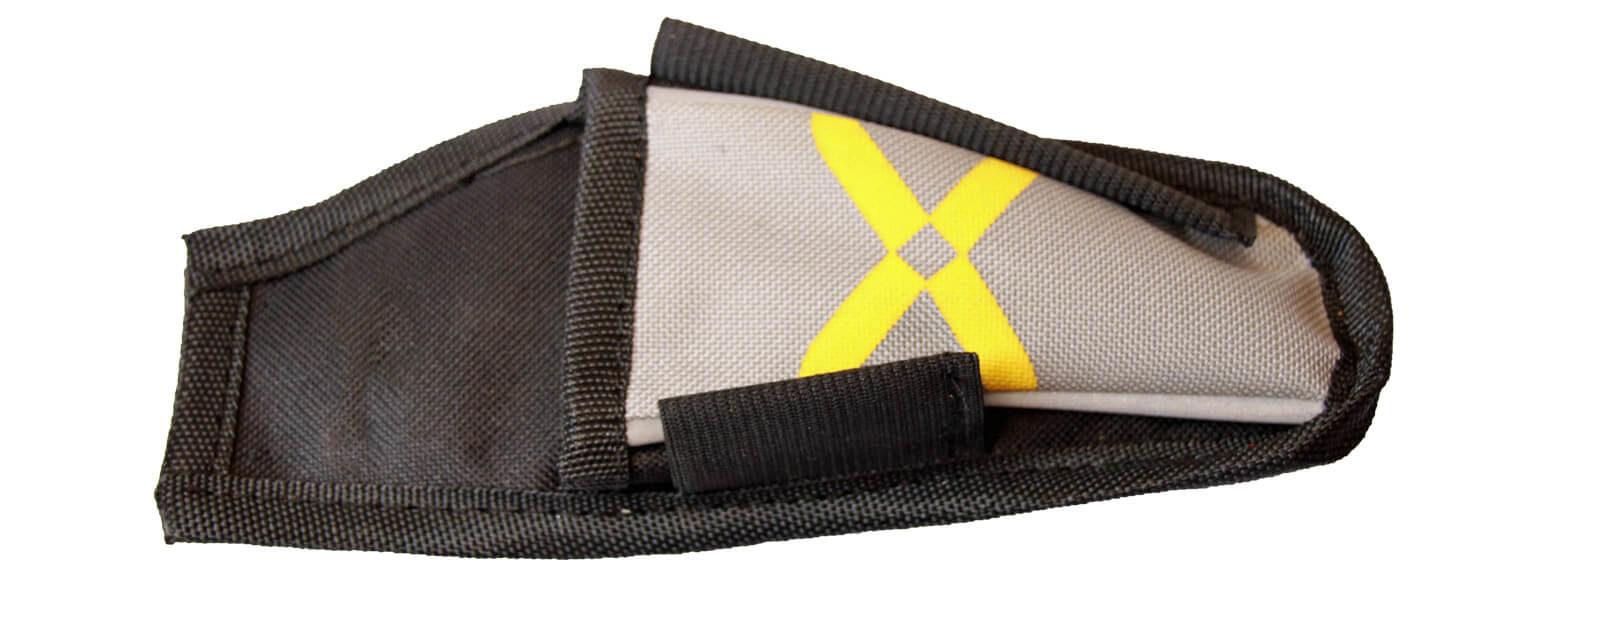 Holster-Gürteltasche Messertasche Cuttermesser Sicherheitsmesser mit Stifthalter und Clip und Ersatzklingenhalter